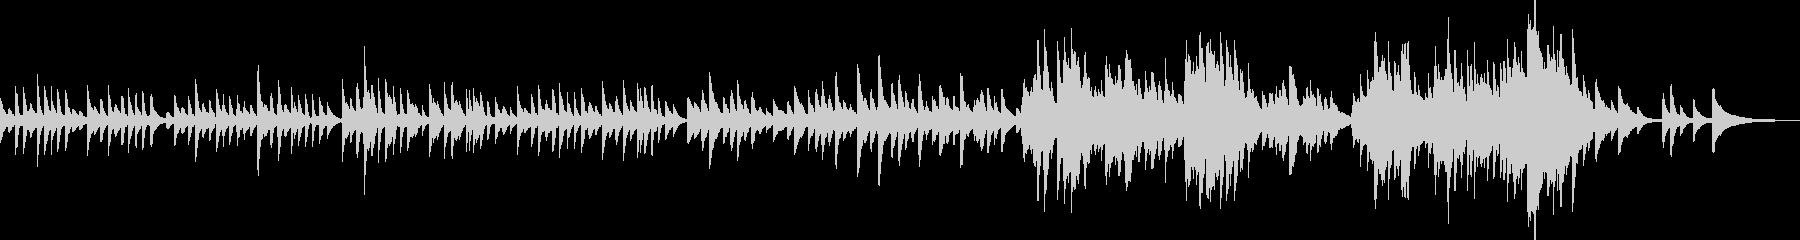 子守歌のような美しいピアノBGMの未再生の波形